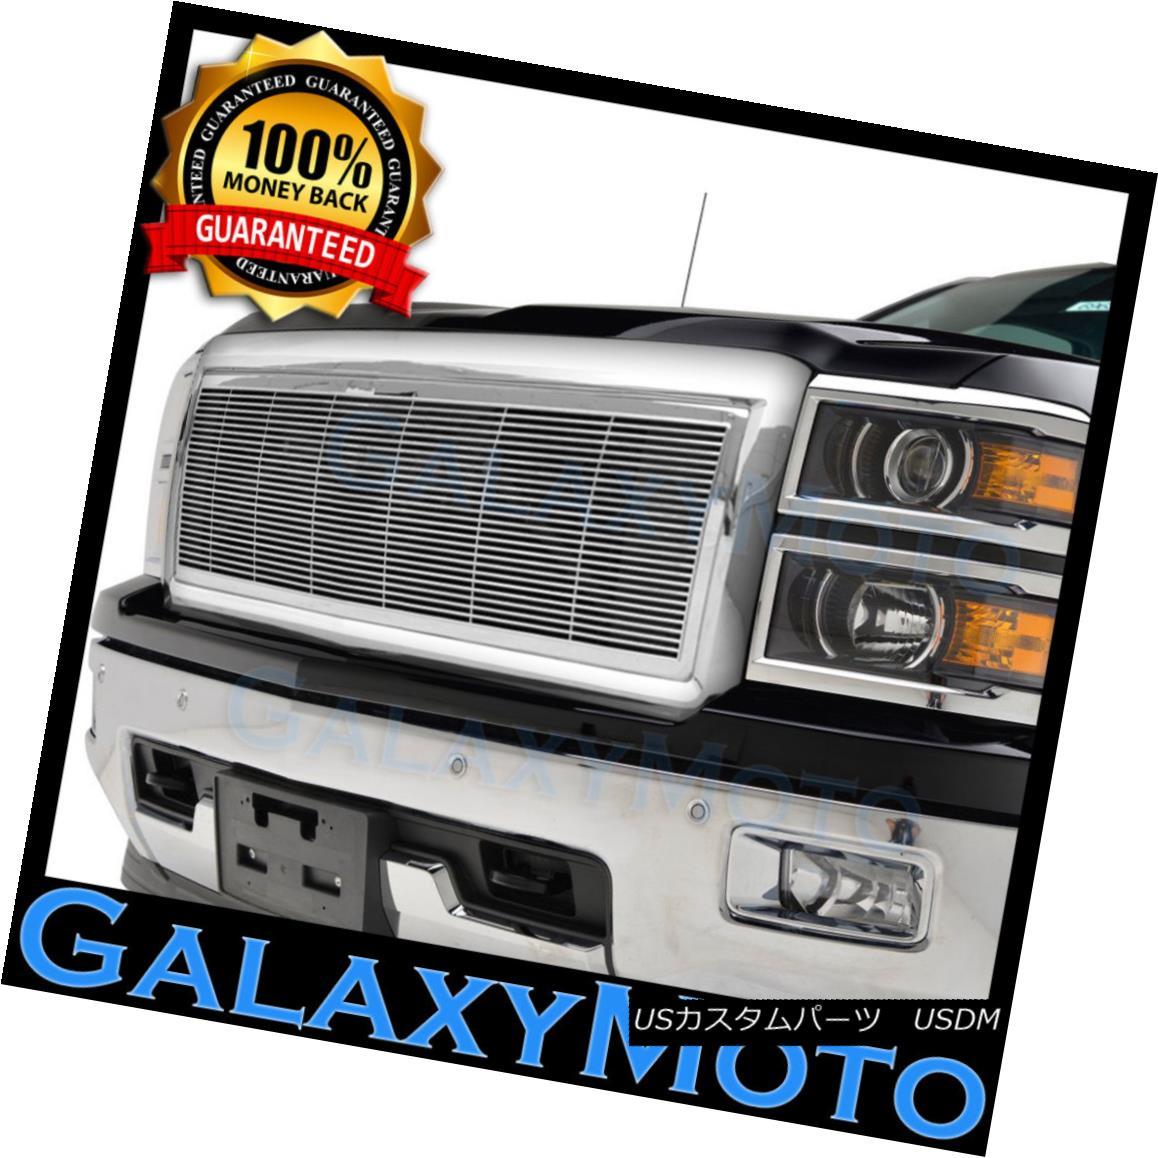 グリル 14-15 Chevy Silverado 1500 Chrome Full Factory Replacement Billet Grille Shell 14-15 Chevy Silverado 1500 Chrome完全な工場補修用ビレットグリルシェル